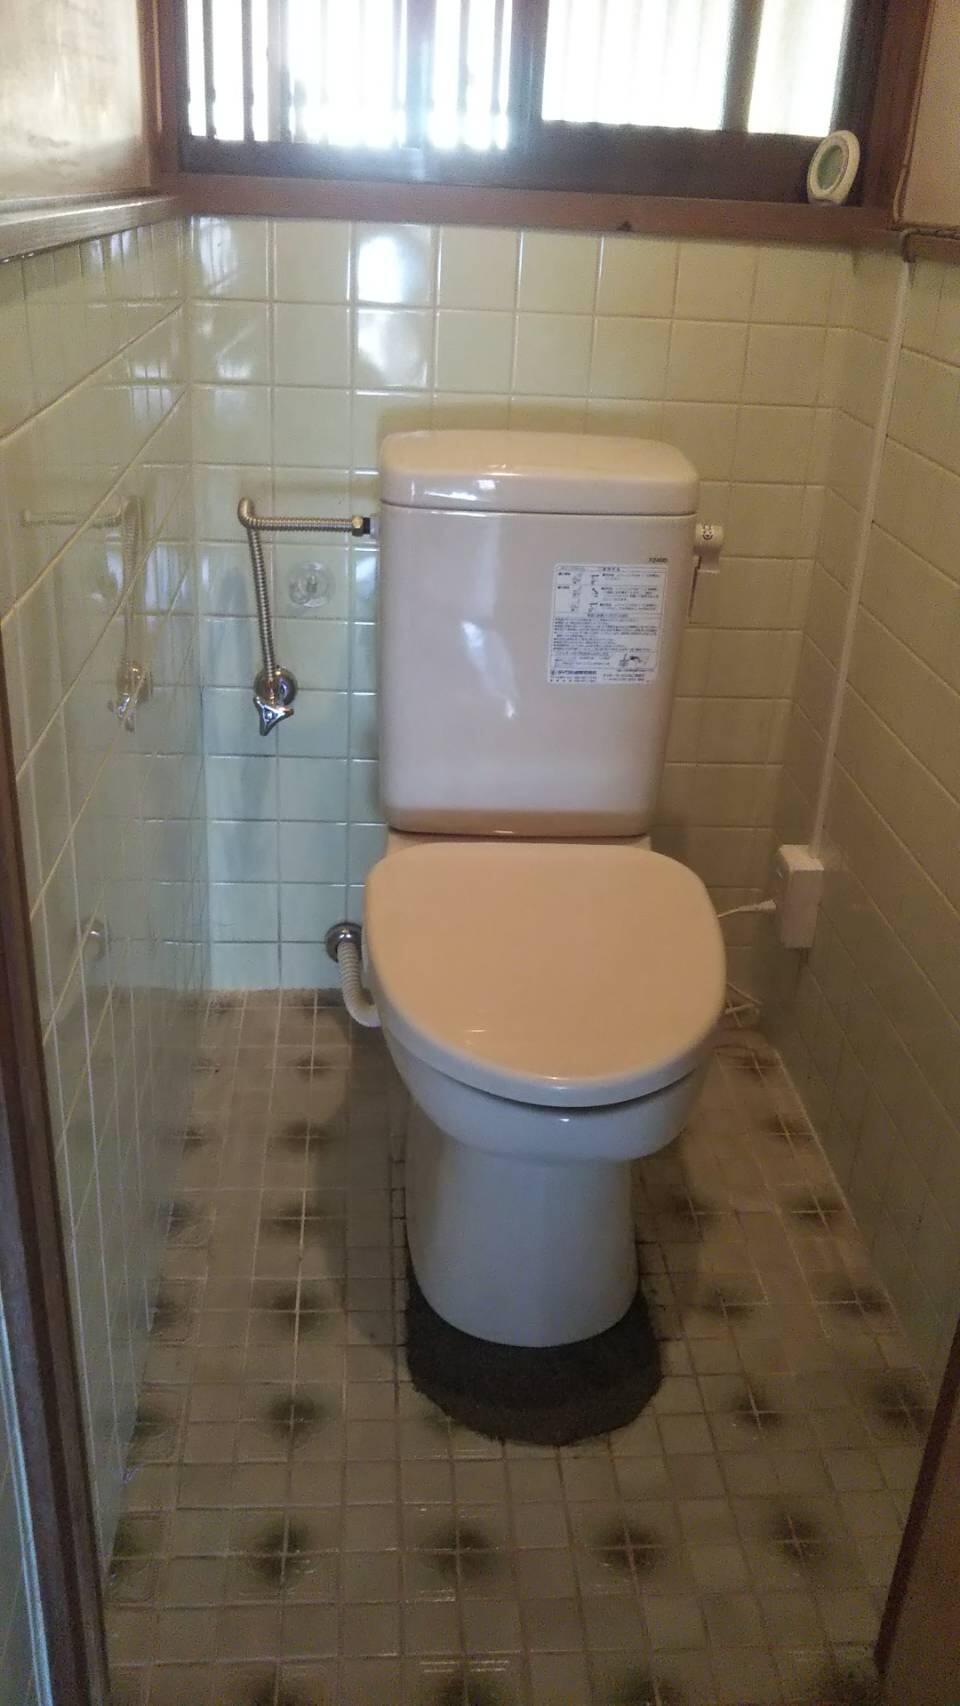 ダイワ簡易水洗トイレに取り替えました。